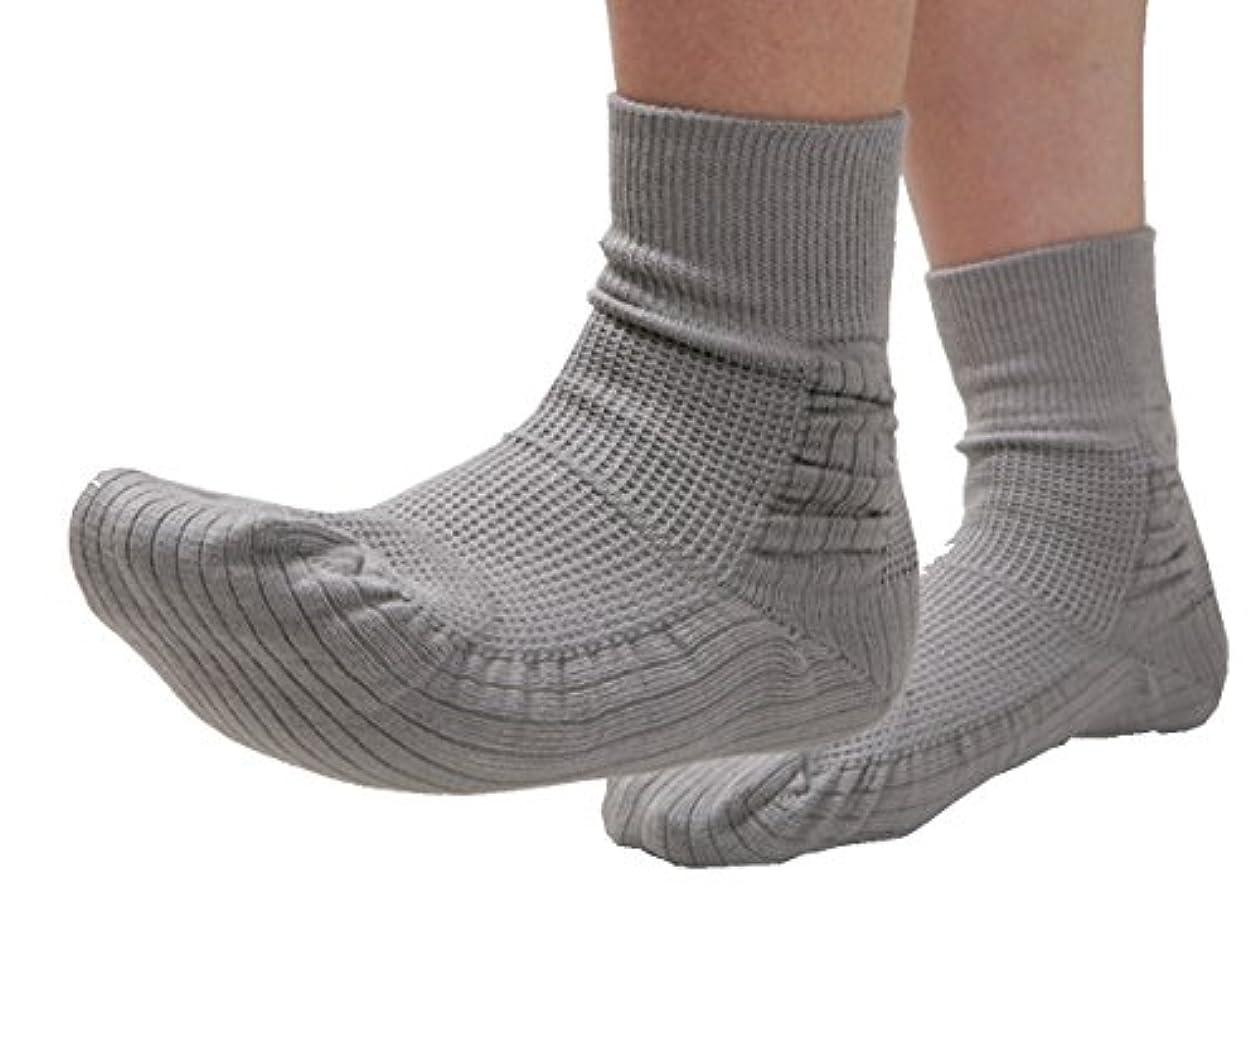 鉄道連邦ずっと転倒予防靴下つま先アップ(コーポレーションパールスター?広島大学開発商品)